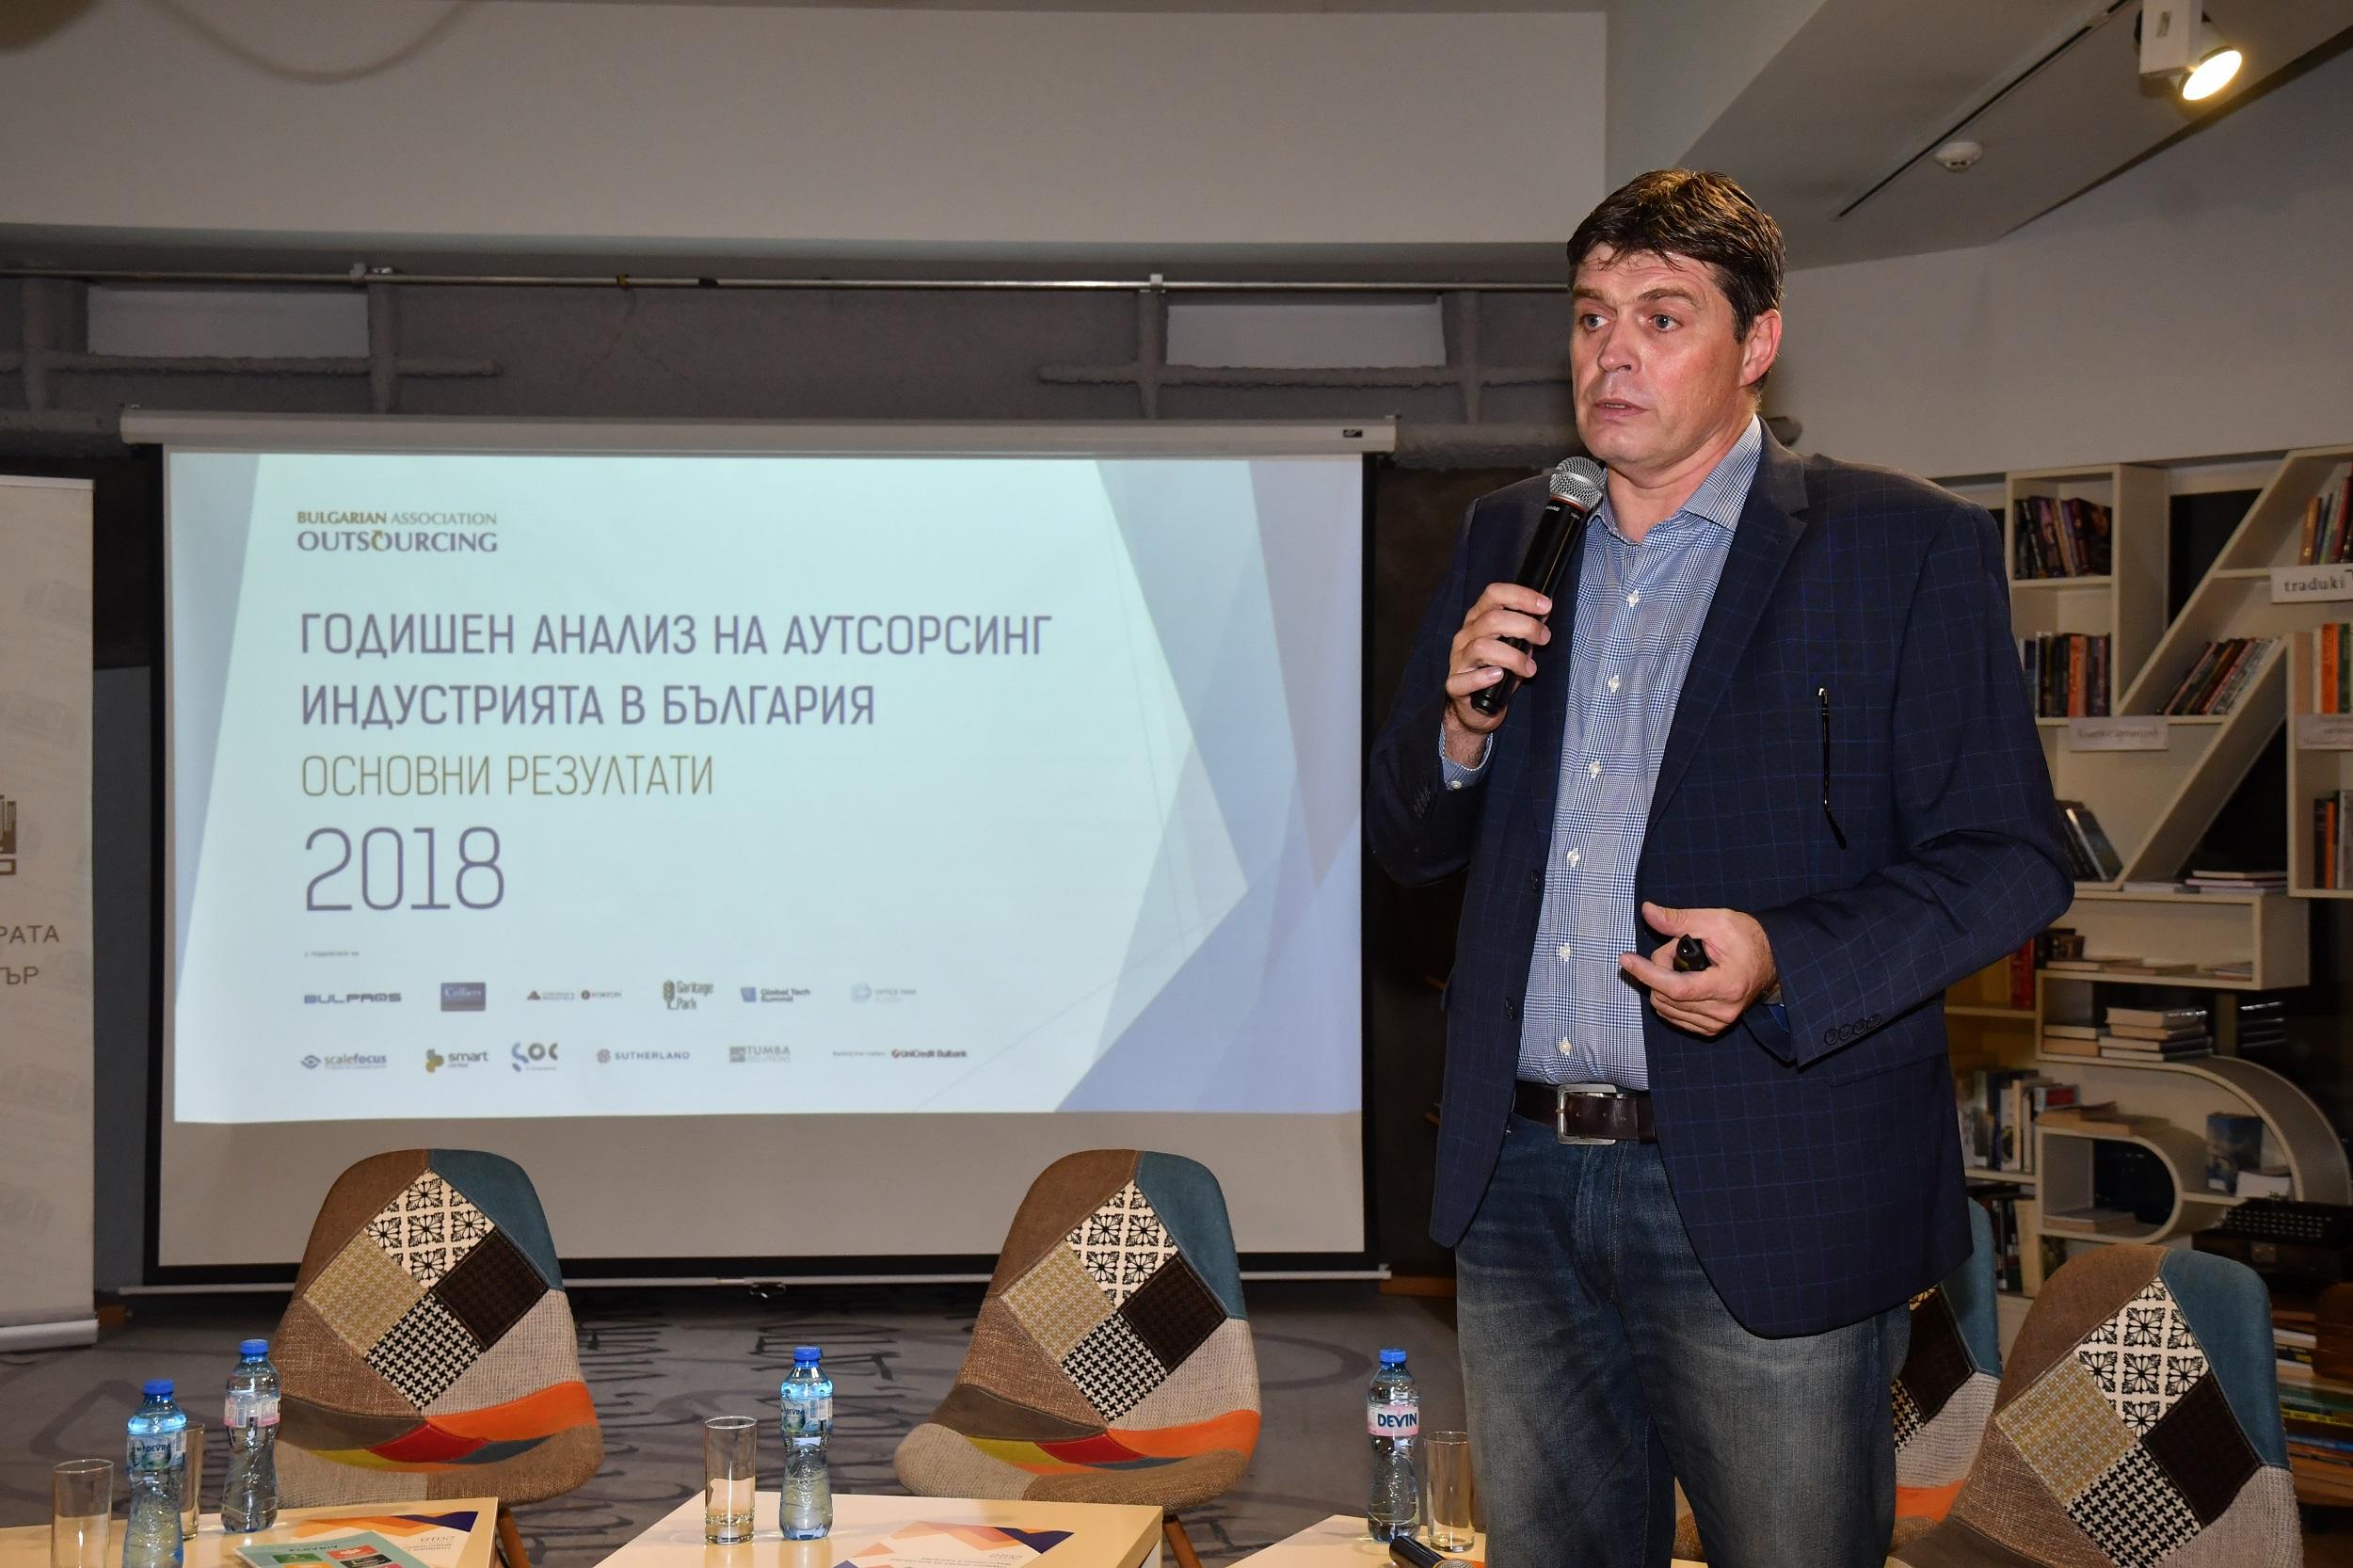 Ивайло Славов, председател на борда на БАА и съосновател и изпълнителен директор на Bulpros.